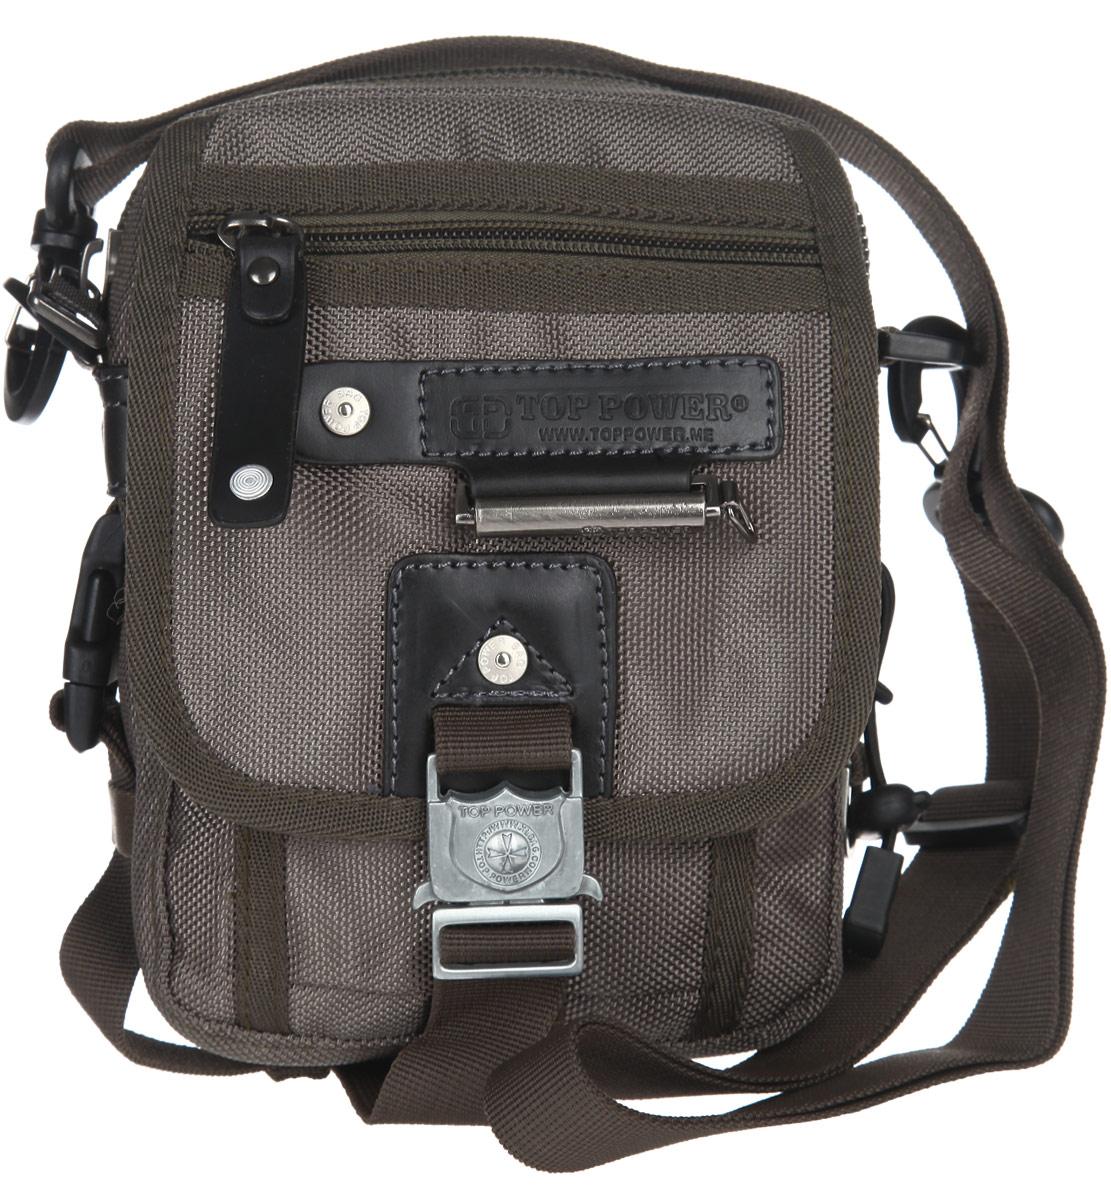 Сумка-планшет мужская Top Power, цвет: хаки. 1366 TP1366 TP khakiСтильная мужская сумка-планшет Top Power выполнена из плотного полиэстера и искусственной кожи, оформлена символикой бренда и металлической фурнитурой. Сумка имеет два отделения, каждое из которых закрывается на застежку-молнию. Внутри сумки расположены: накладной кармашек для телефона, сетчатый накладной карман, накладной карман для мелких документов и врезной карман на молнии. На лицевой стороне изделия расположен объемный карман, закрывающийся клапаном на замок-защелку. Под клапаном расположен накладной кармашек. Внешняя сторона клапана оснащена прорезным карманом на застежке-молнии. На задней стороне сумки расположен прорезной карман на молнии. Сумка оснащена съемным плечевым ремнем регулируемой длины. Стильная сумка - необходимый аксессуар для современного мужчины.